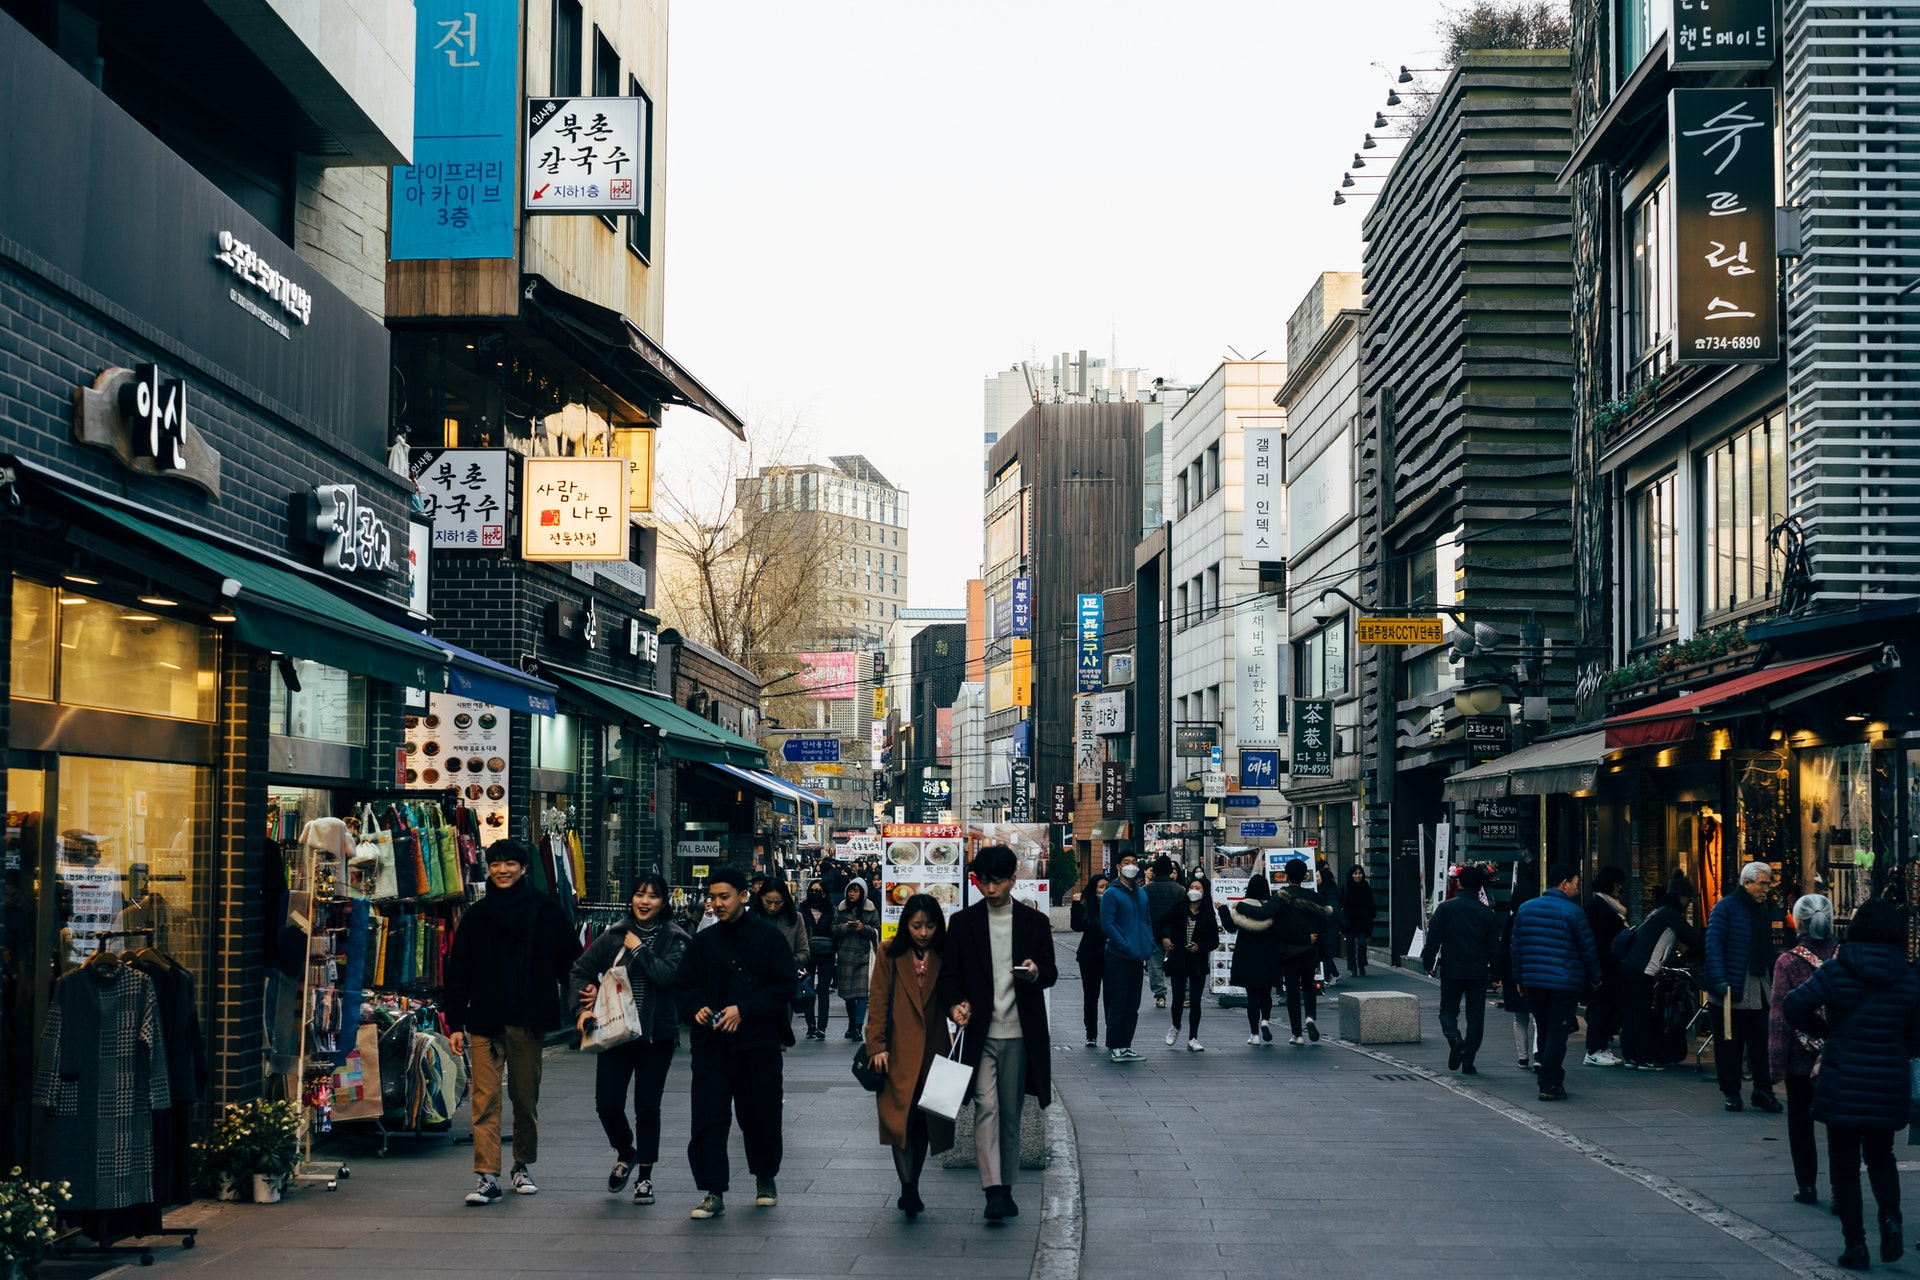 Imagem de uma rua cheia de pessoas e prédios em volta. Imagem ilustrativa texto ponto comercial de uma franquia.